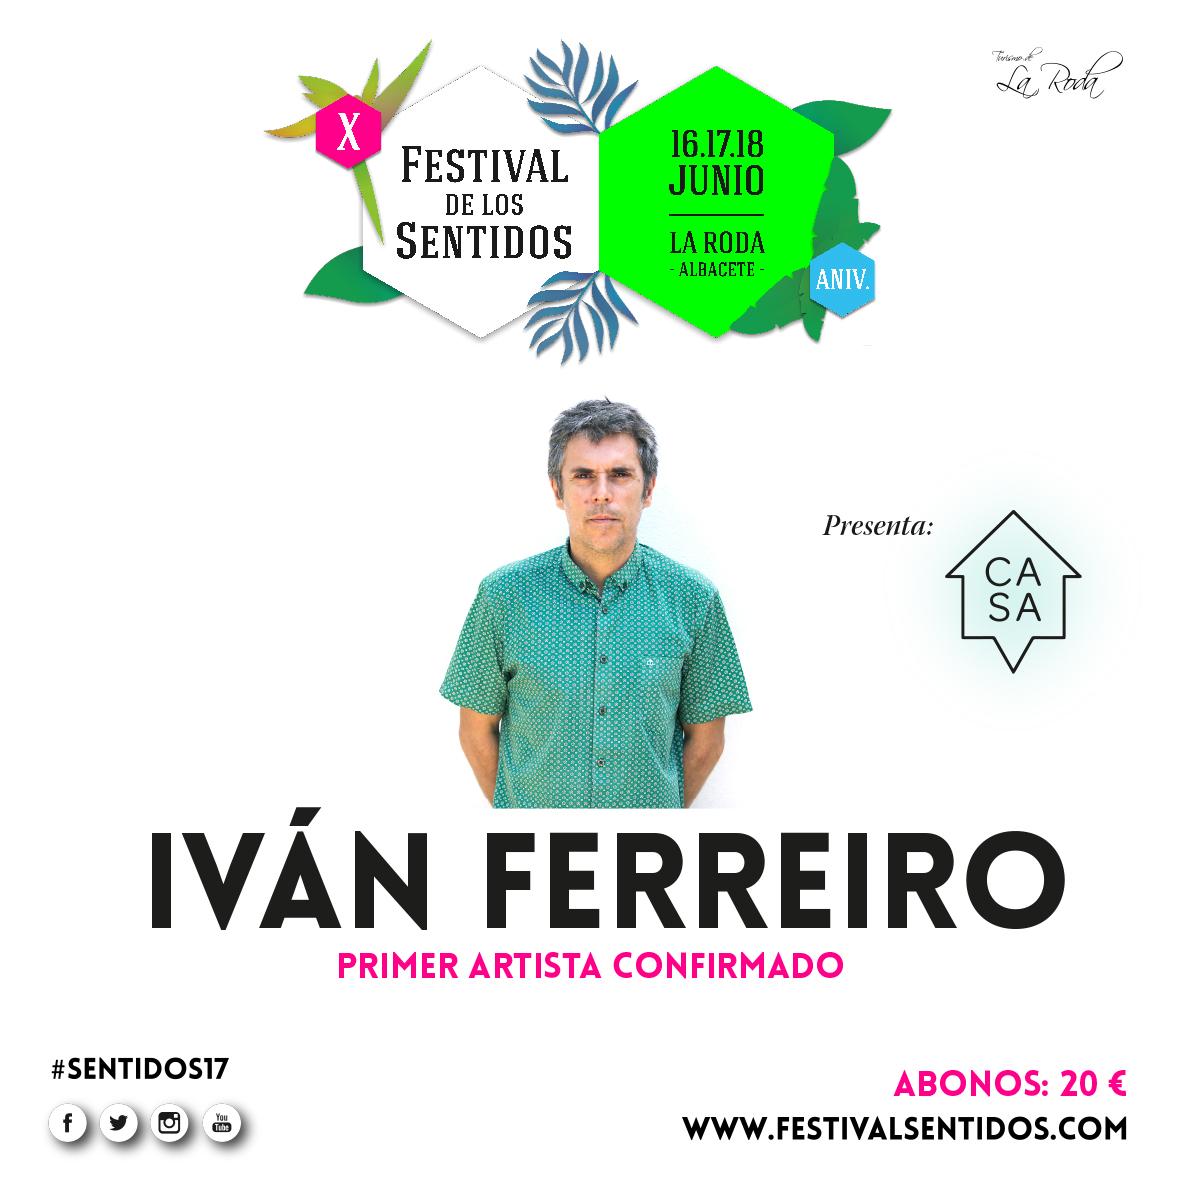 Iván Ferreiro Estará En El Décimo Aniversario Del Festival